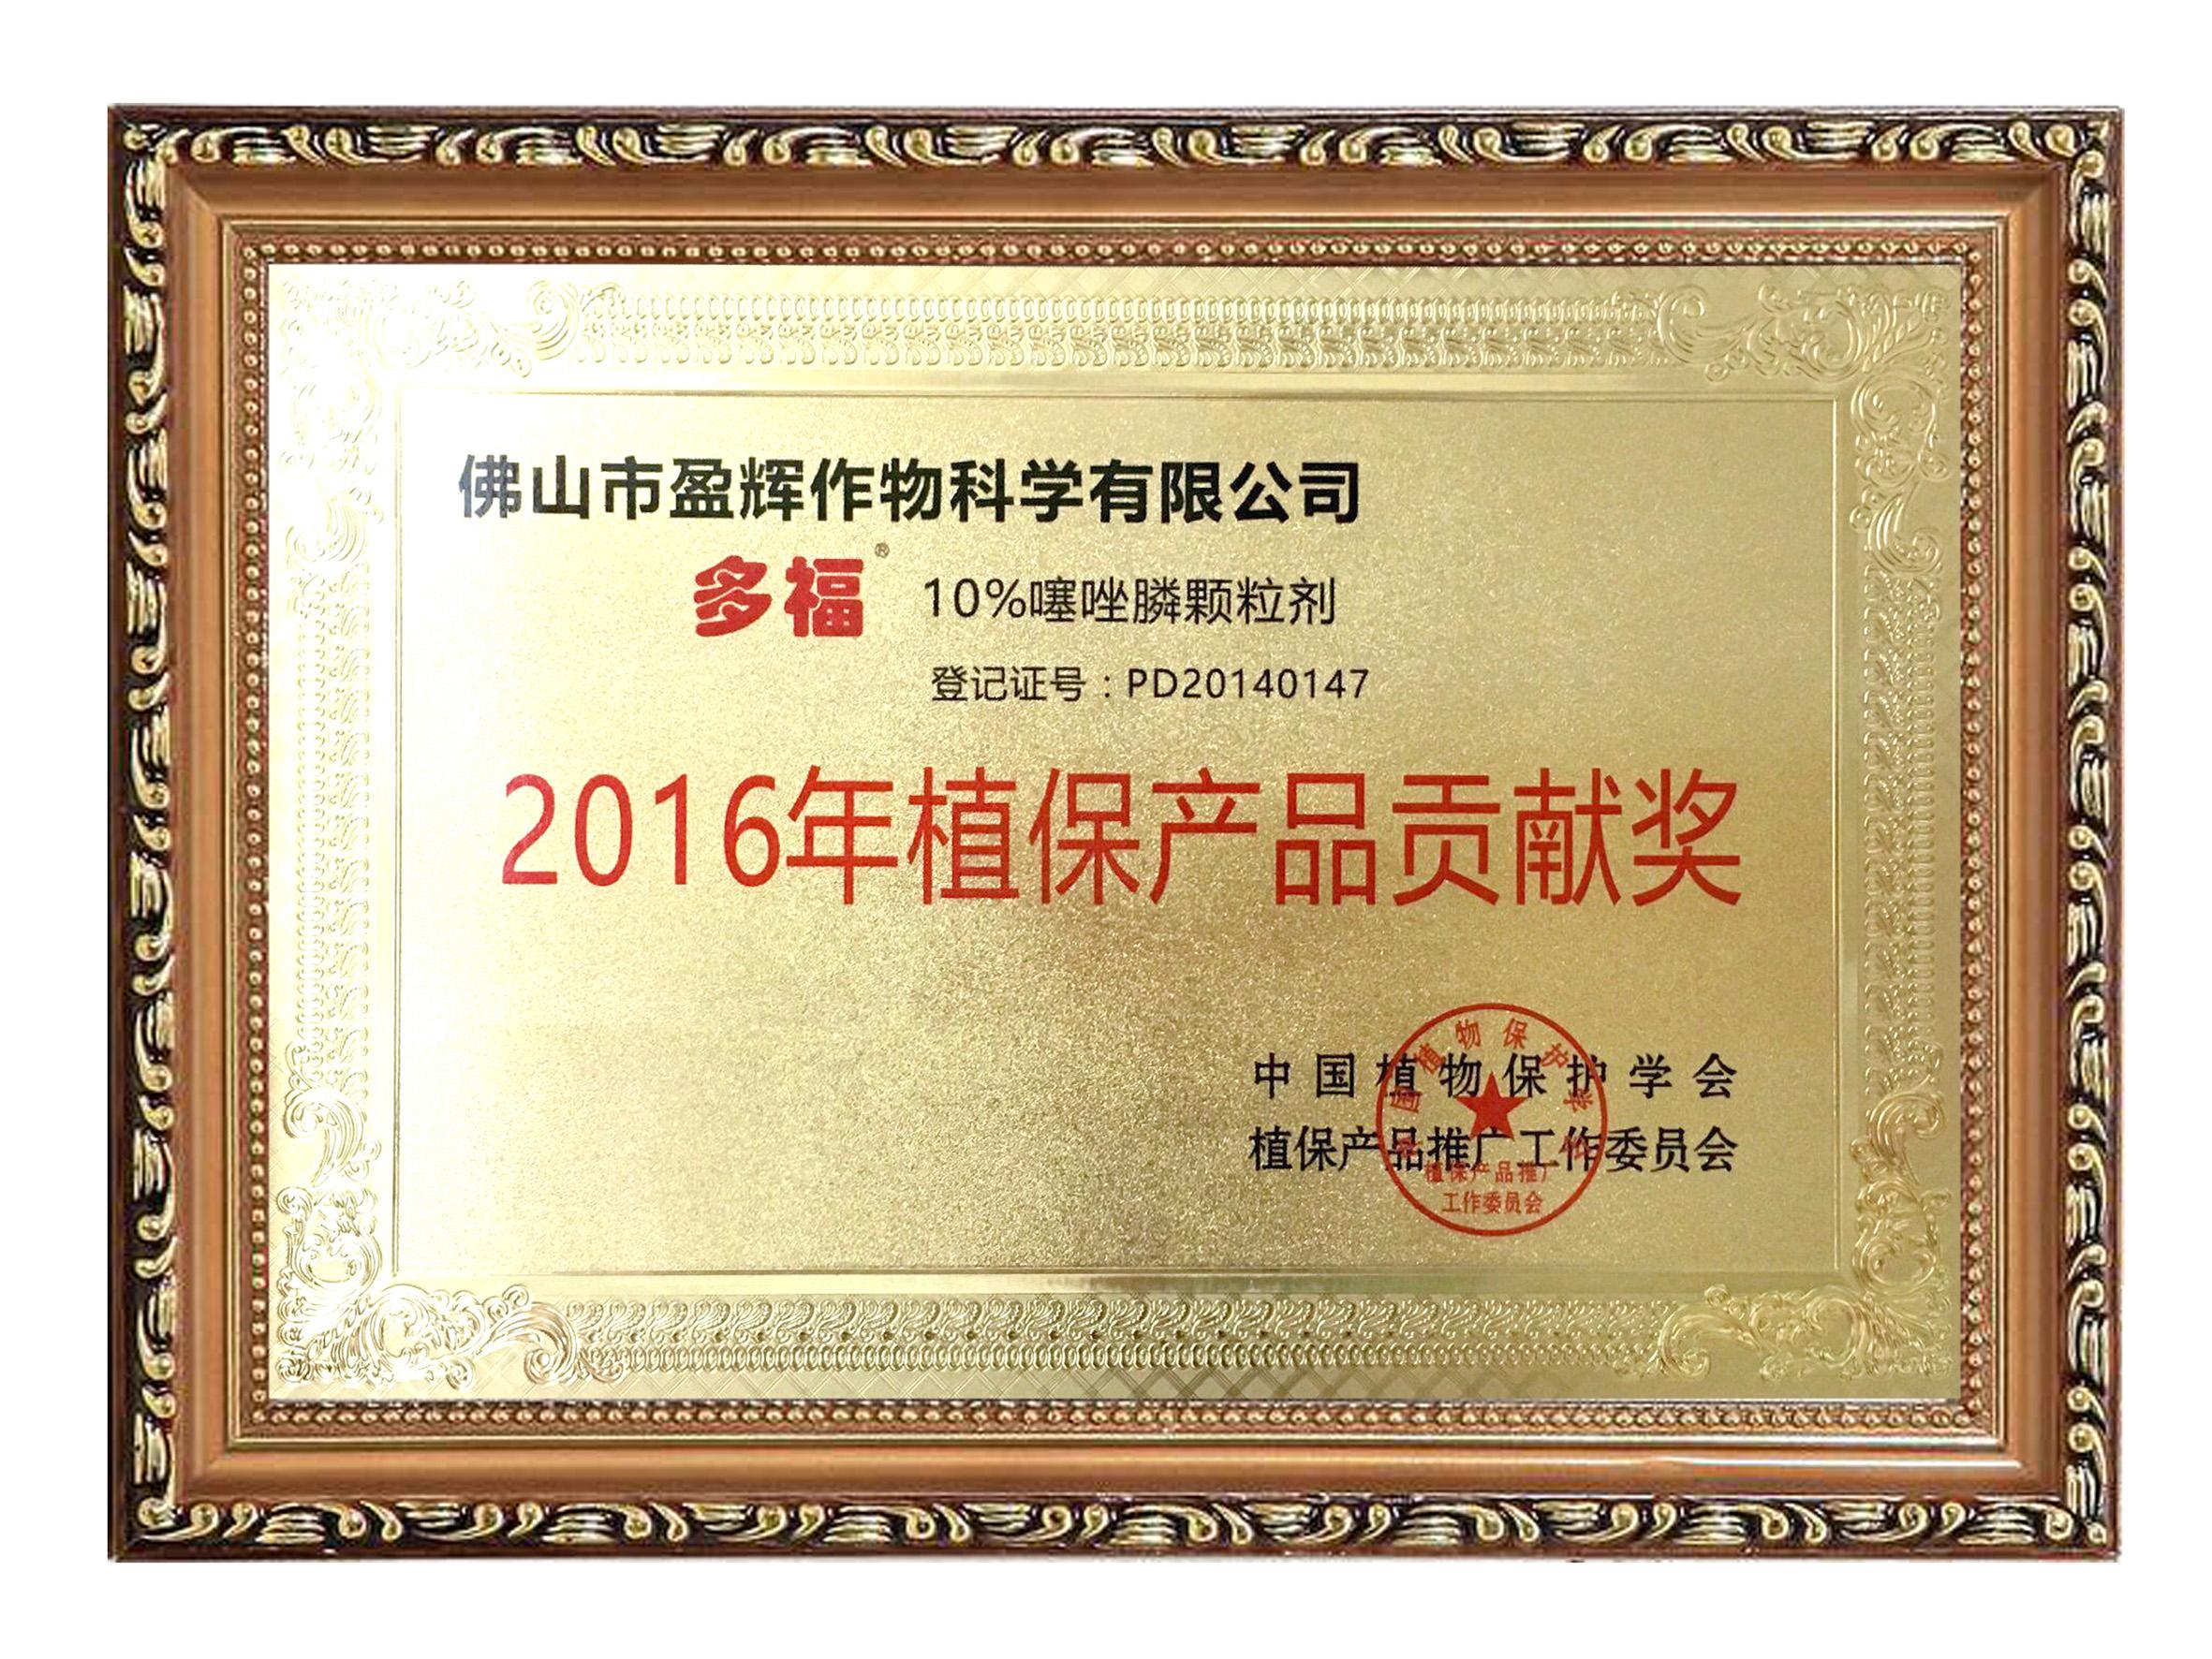 多福-植保产品贡献奖-2016